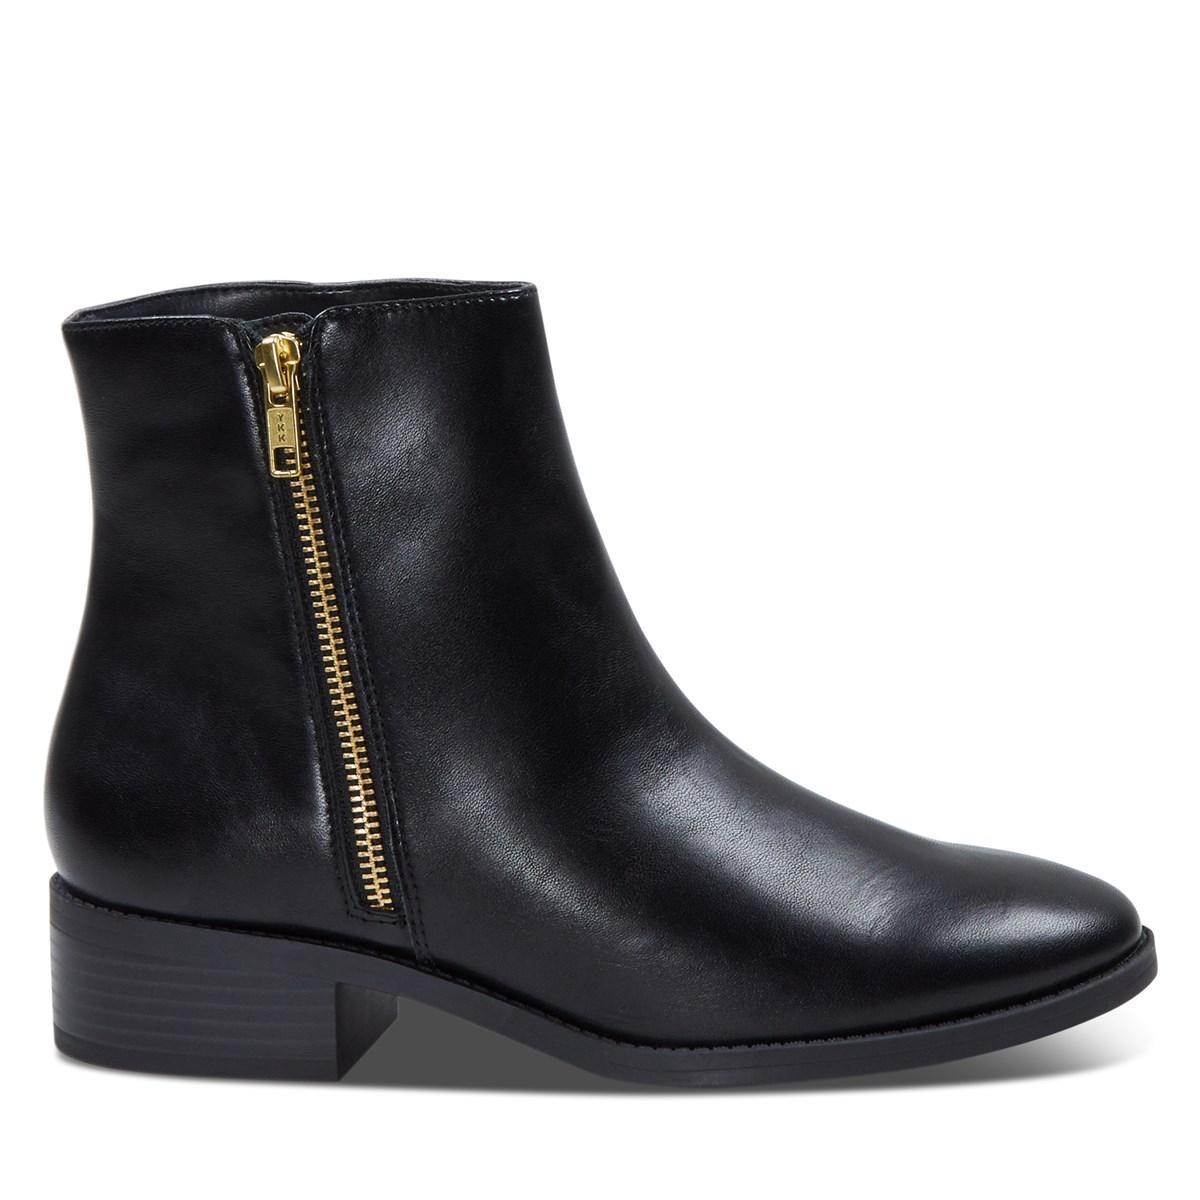 Women's Vegan Liman Zip-Up Boots in Black